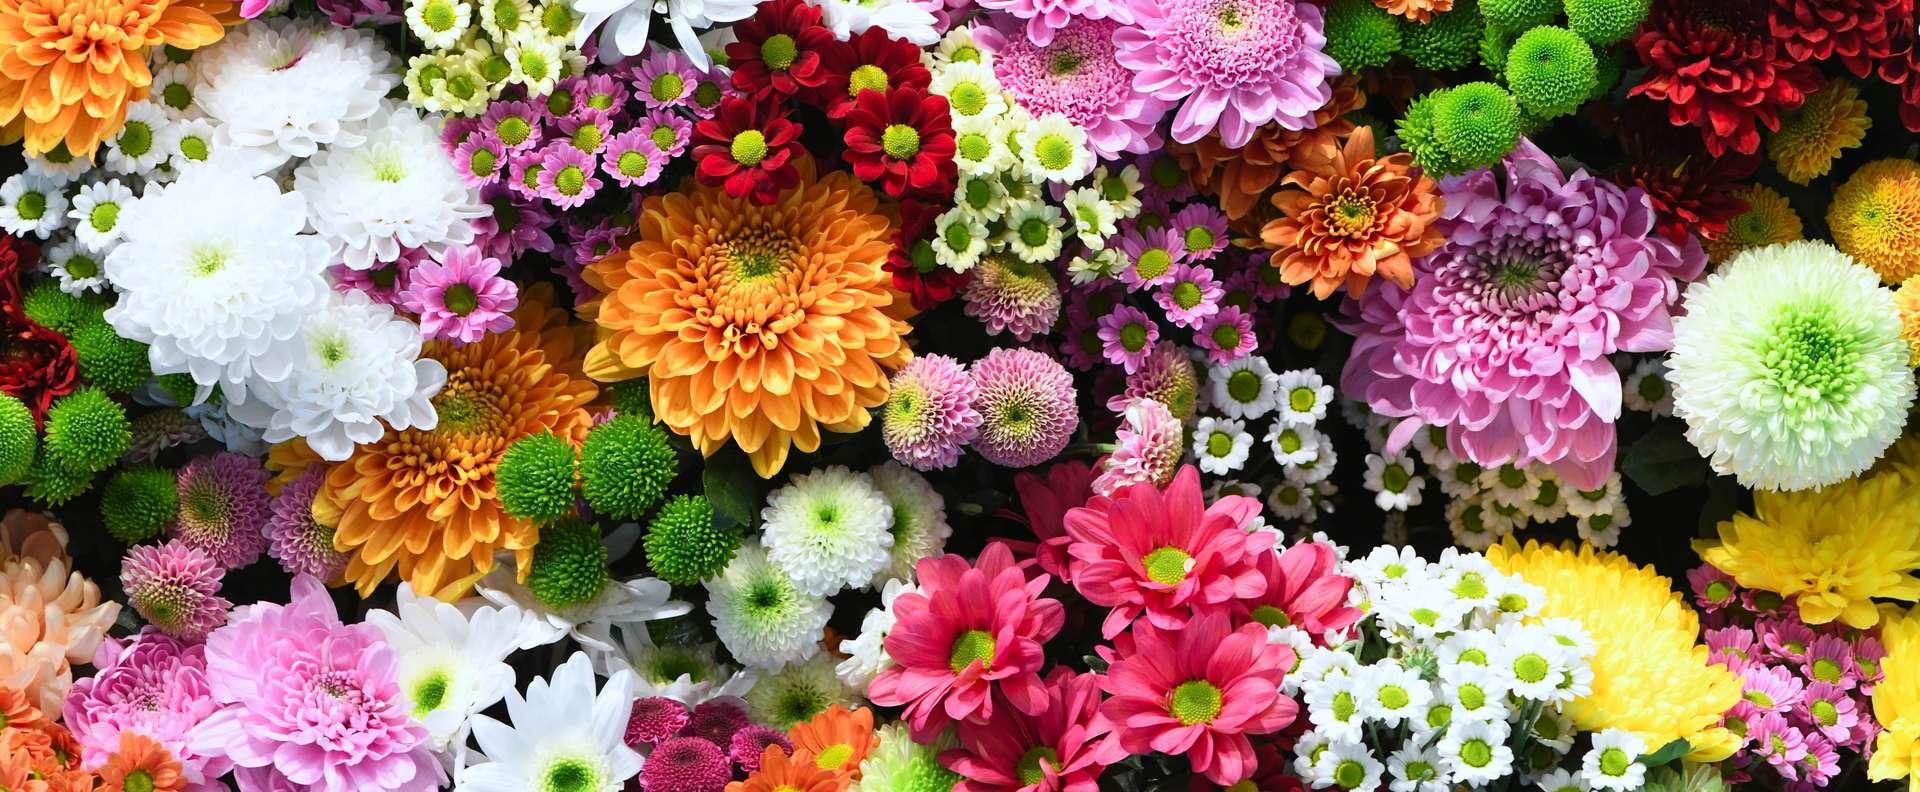 La floraison dépend de la température. Ce lien serait dû à la protéine ELF3. © Basicmoments, Adobe Stock